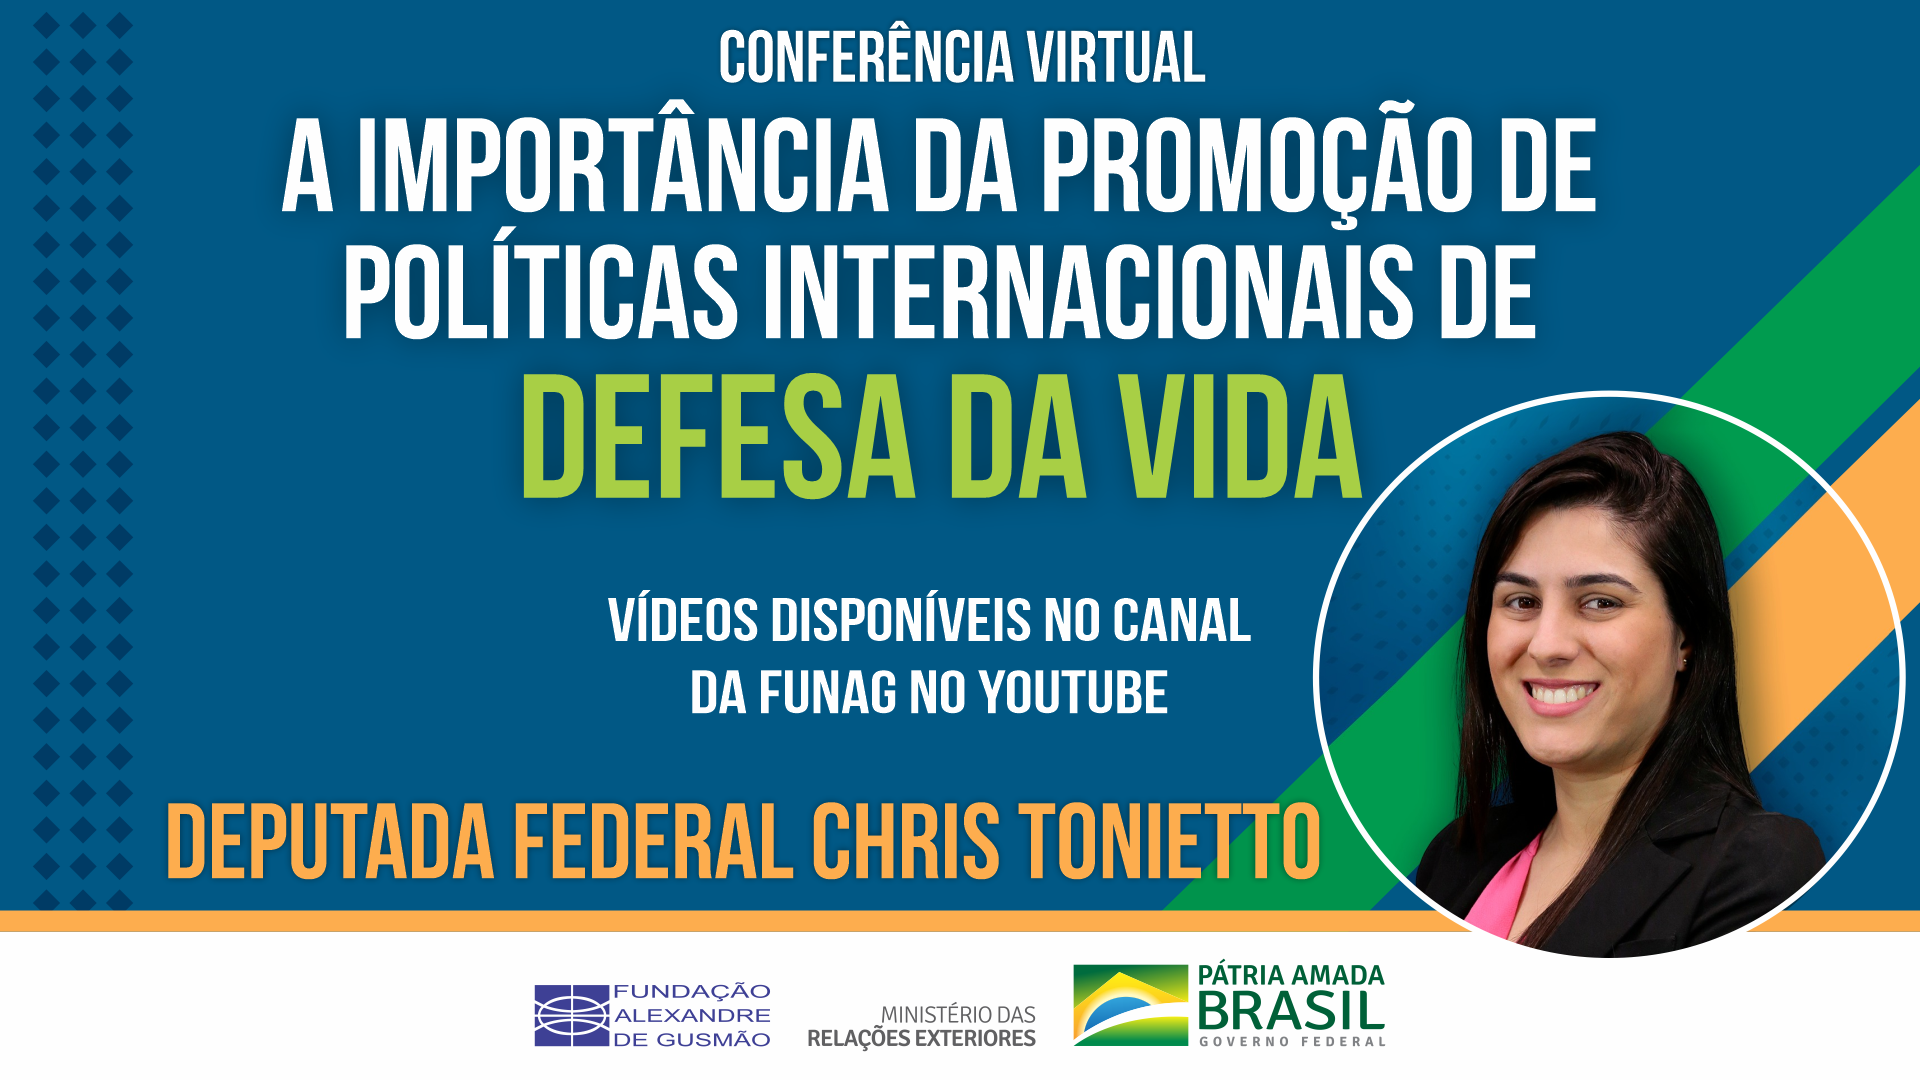 """Assista aos vídeos da conferência """"A importância da promoção de políticas internacionais de defesa da vida"""", com a deputada federal Chris Tonietto"""